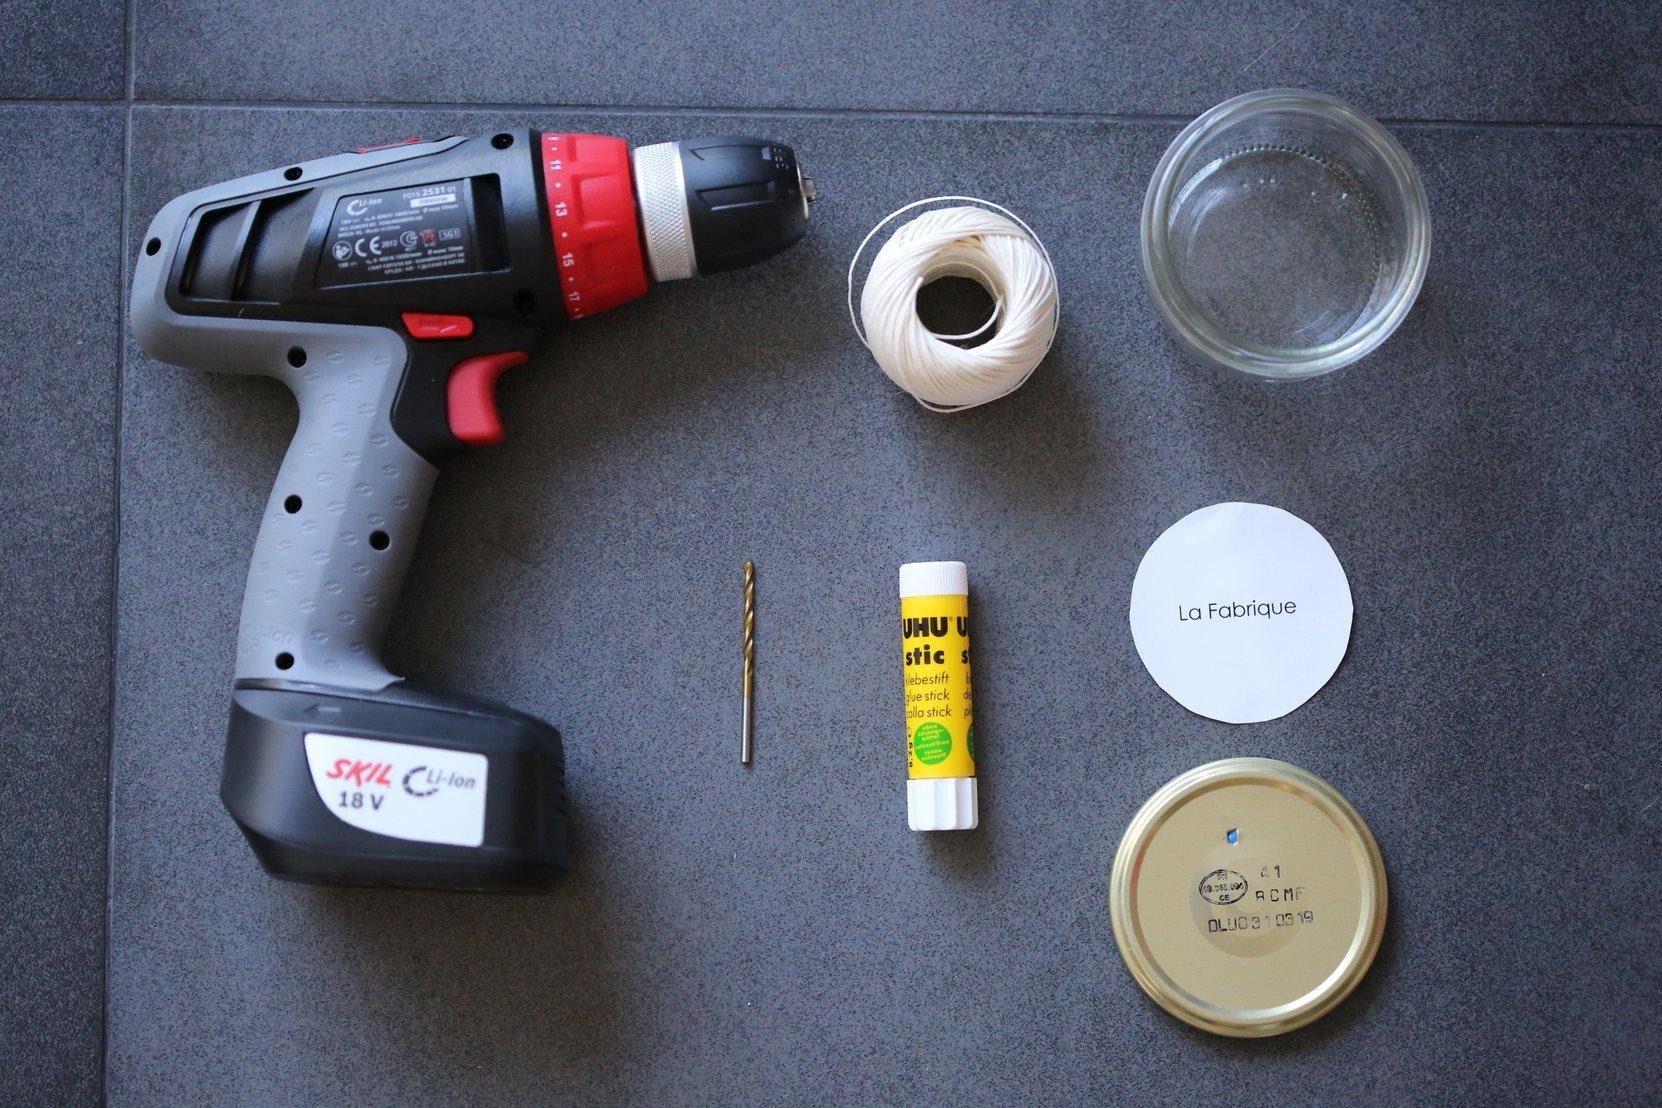 Photo principale de Astuce pour ranger de la ficelle